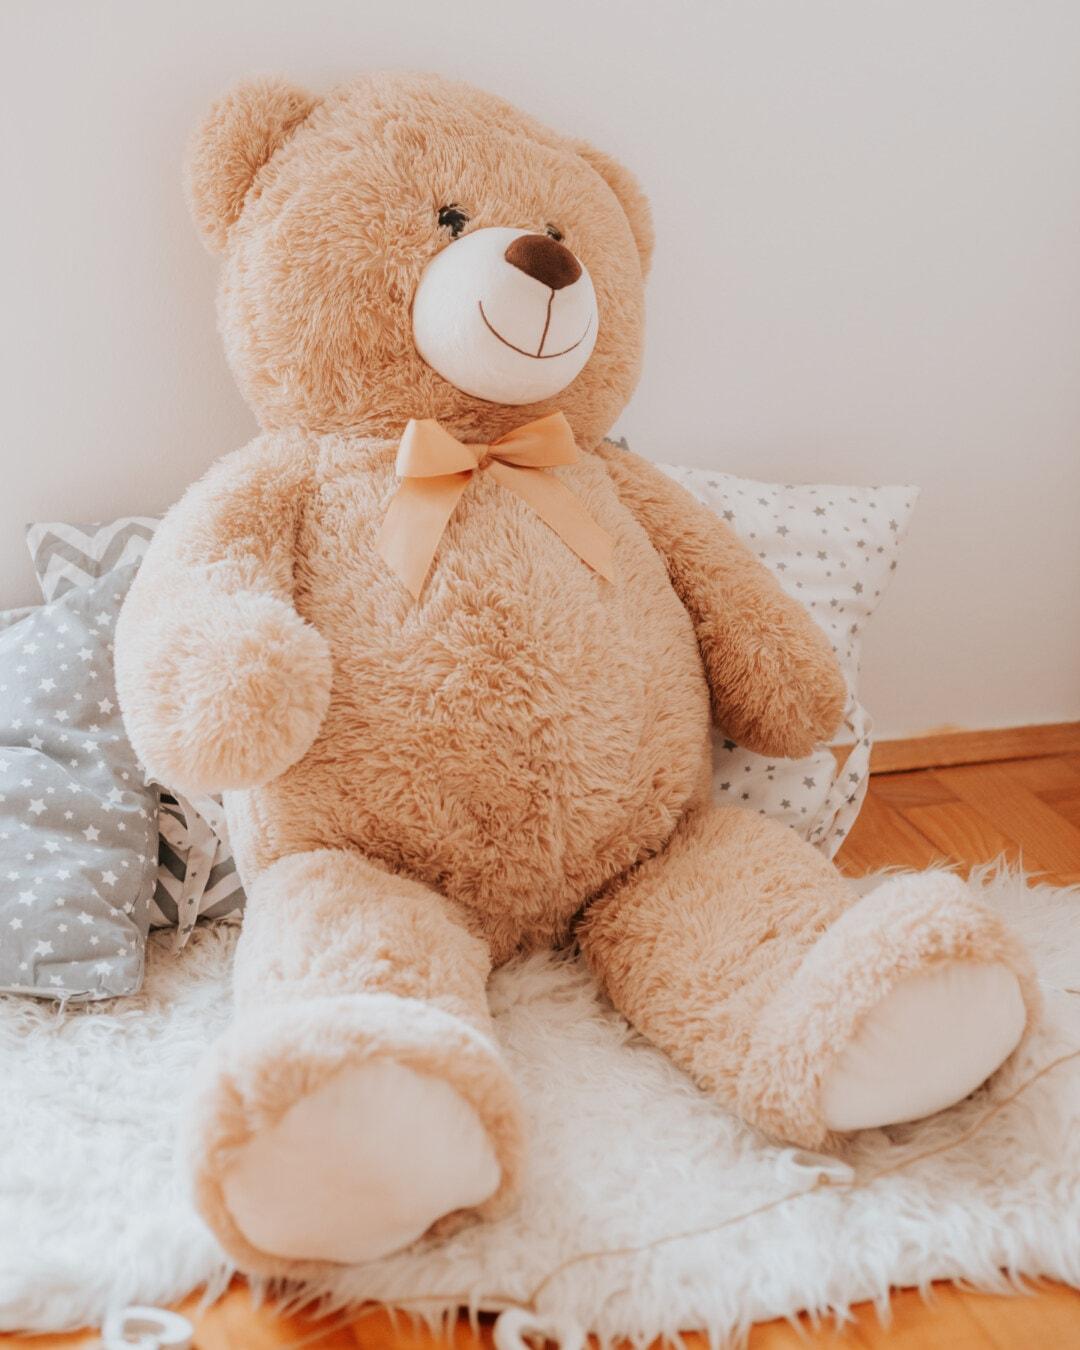 Teddybär Spielzeug, Plüsch, groß, Spielzeug, hellbraun, Geschenk, Bär, drinnen, Braun, weiche